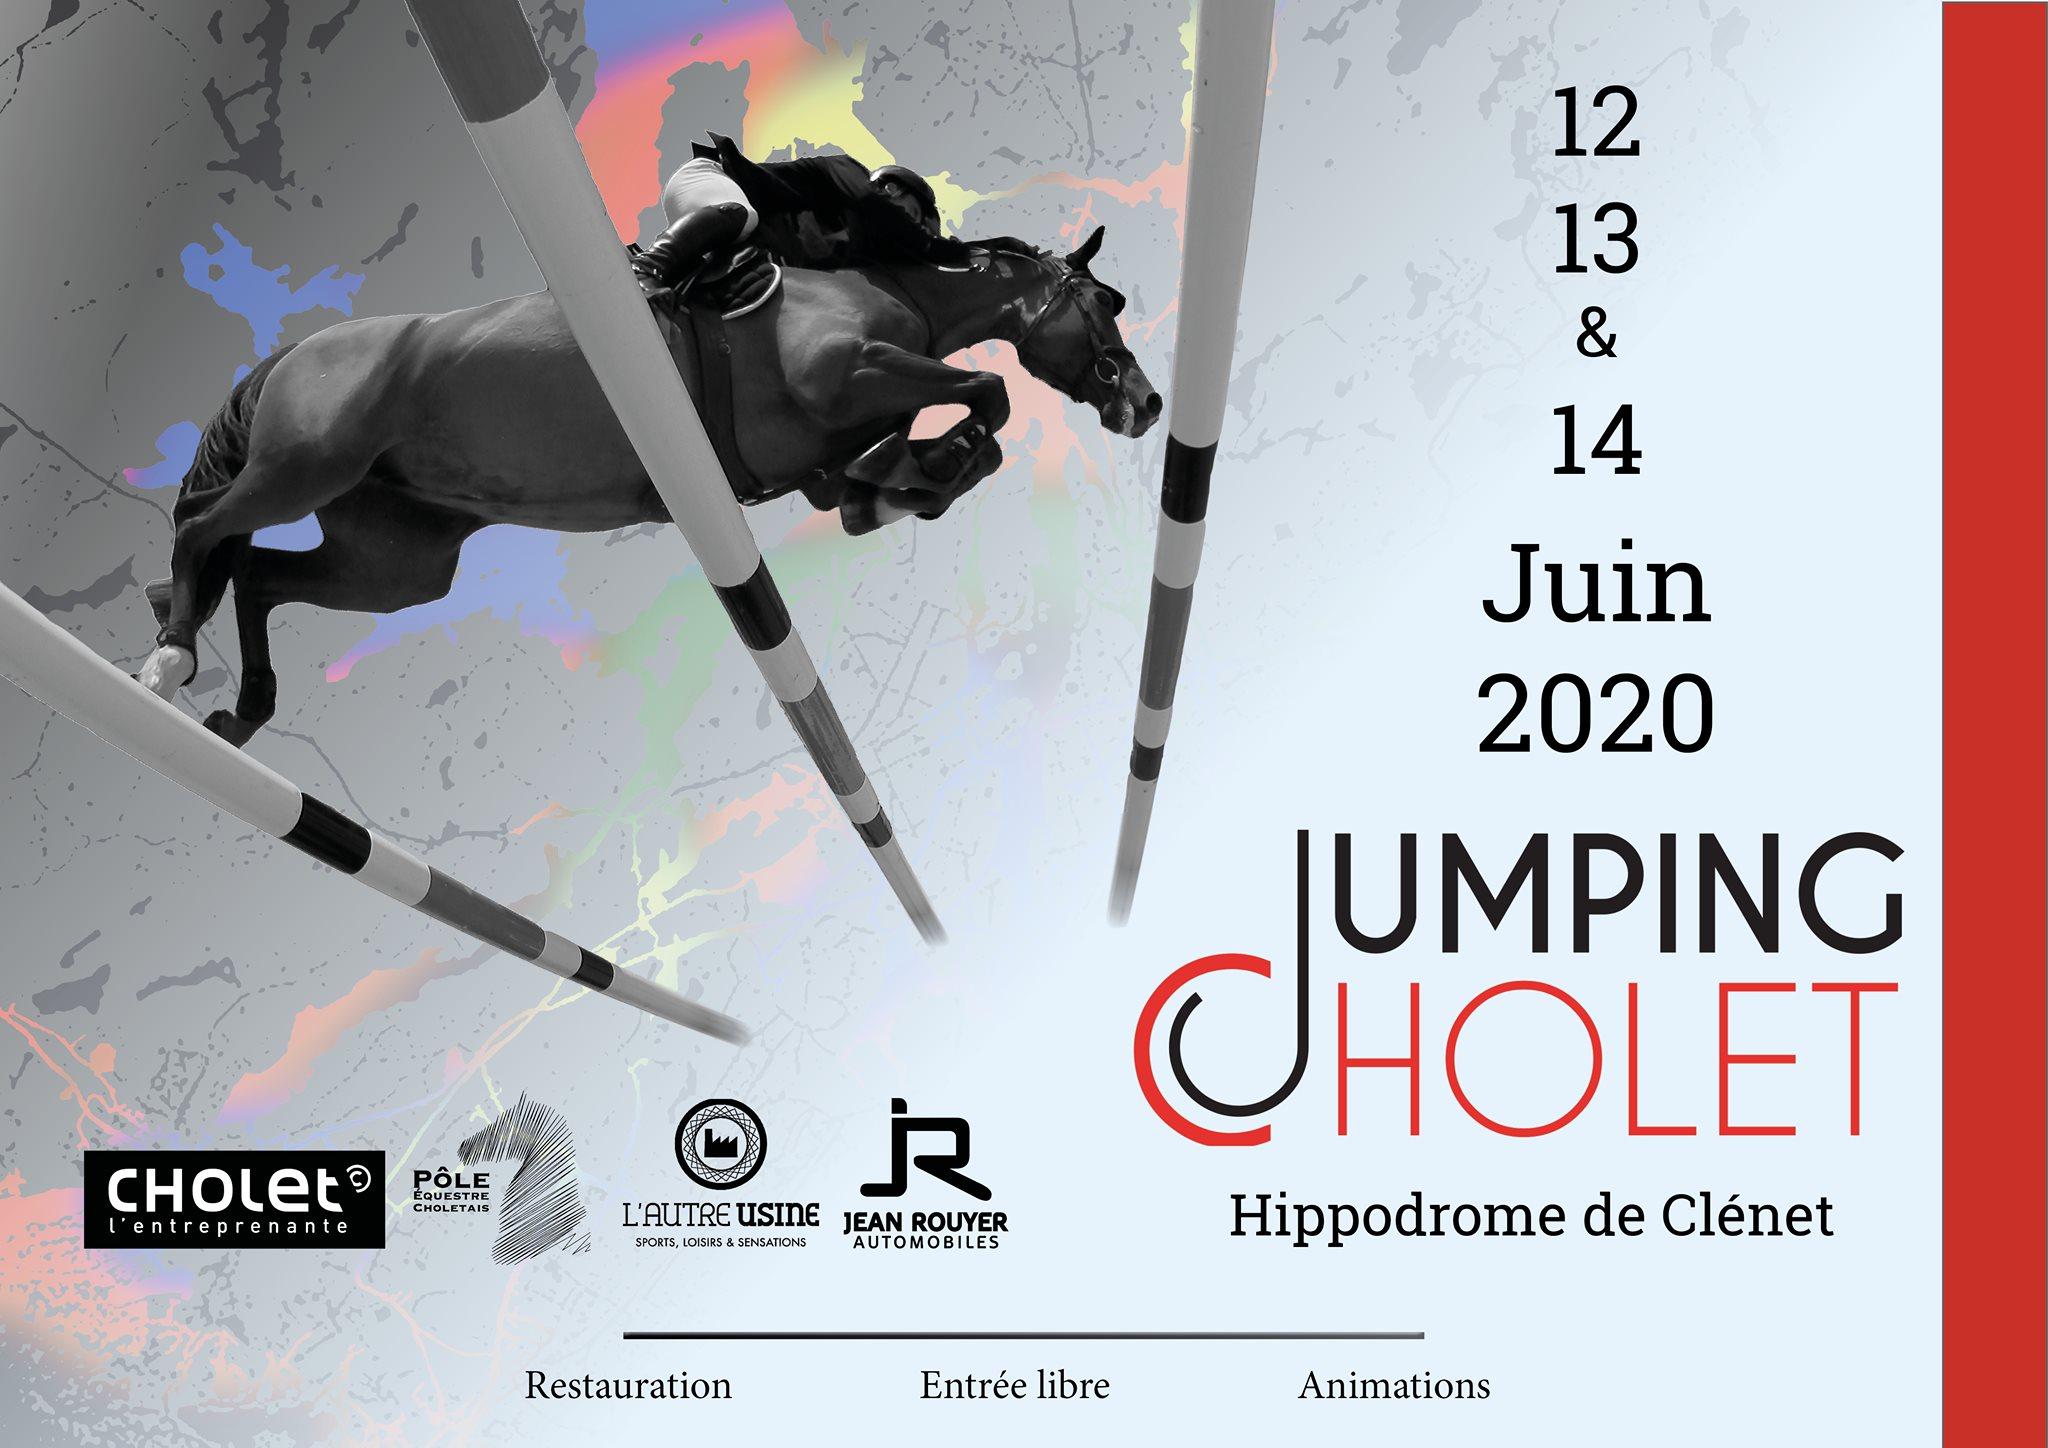 Jumping de Cholet